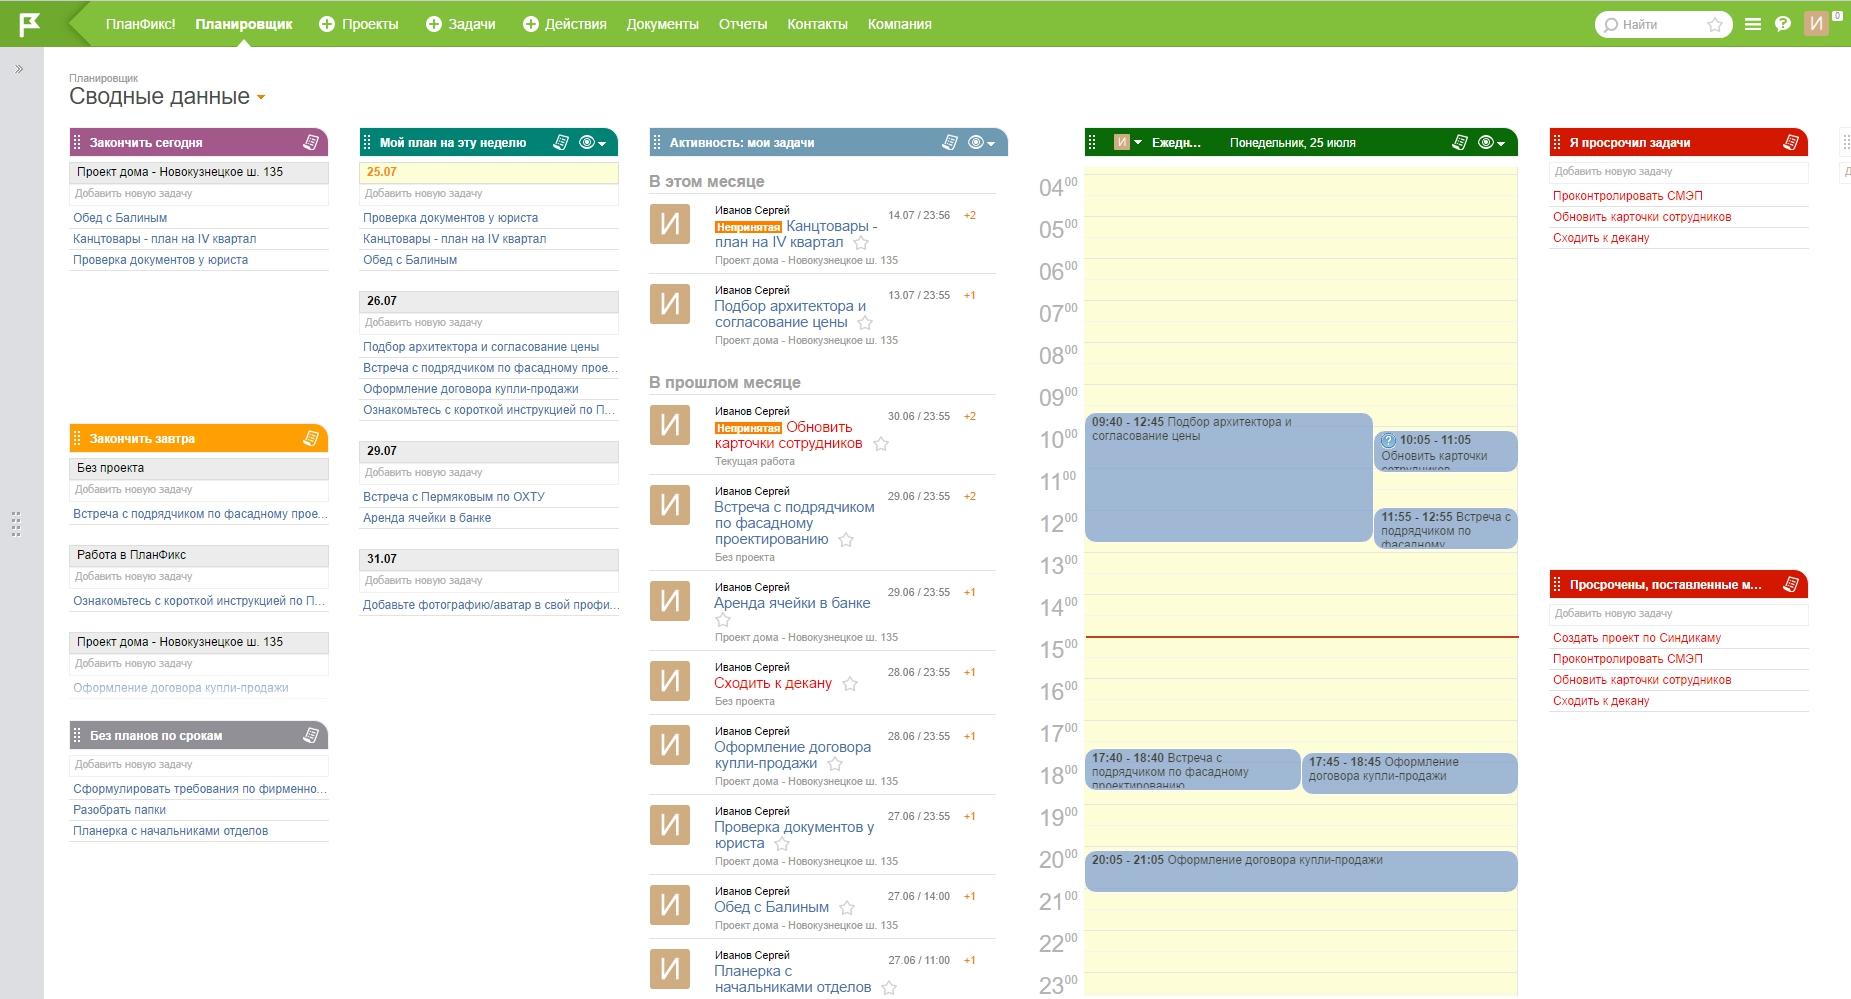 Разноцветные заголовки списков в Планировщике ПланФикса